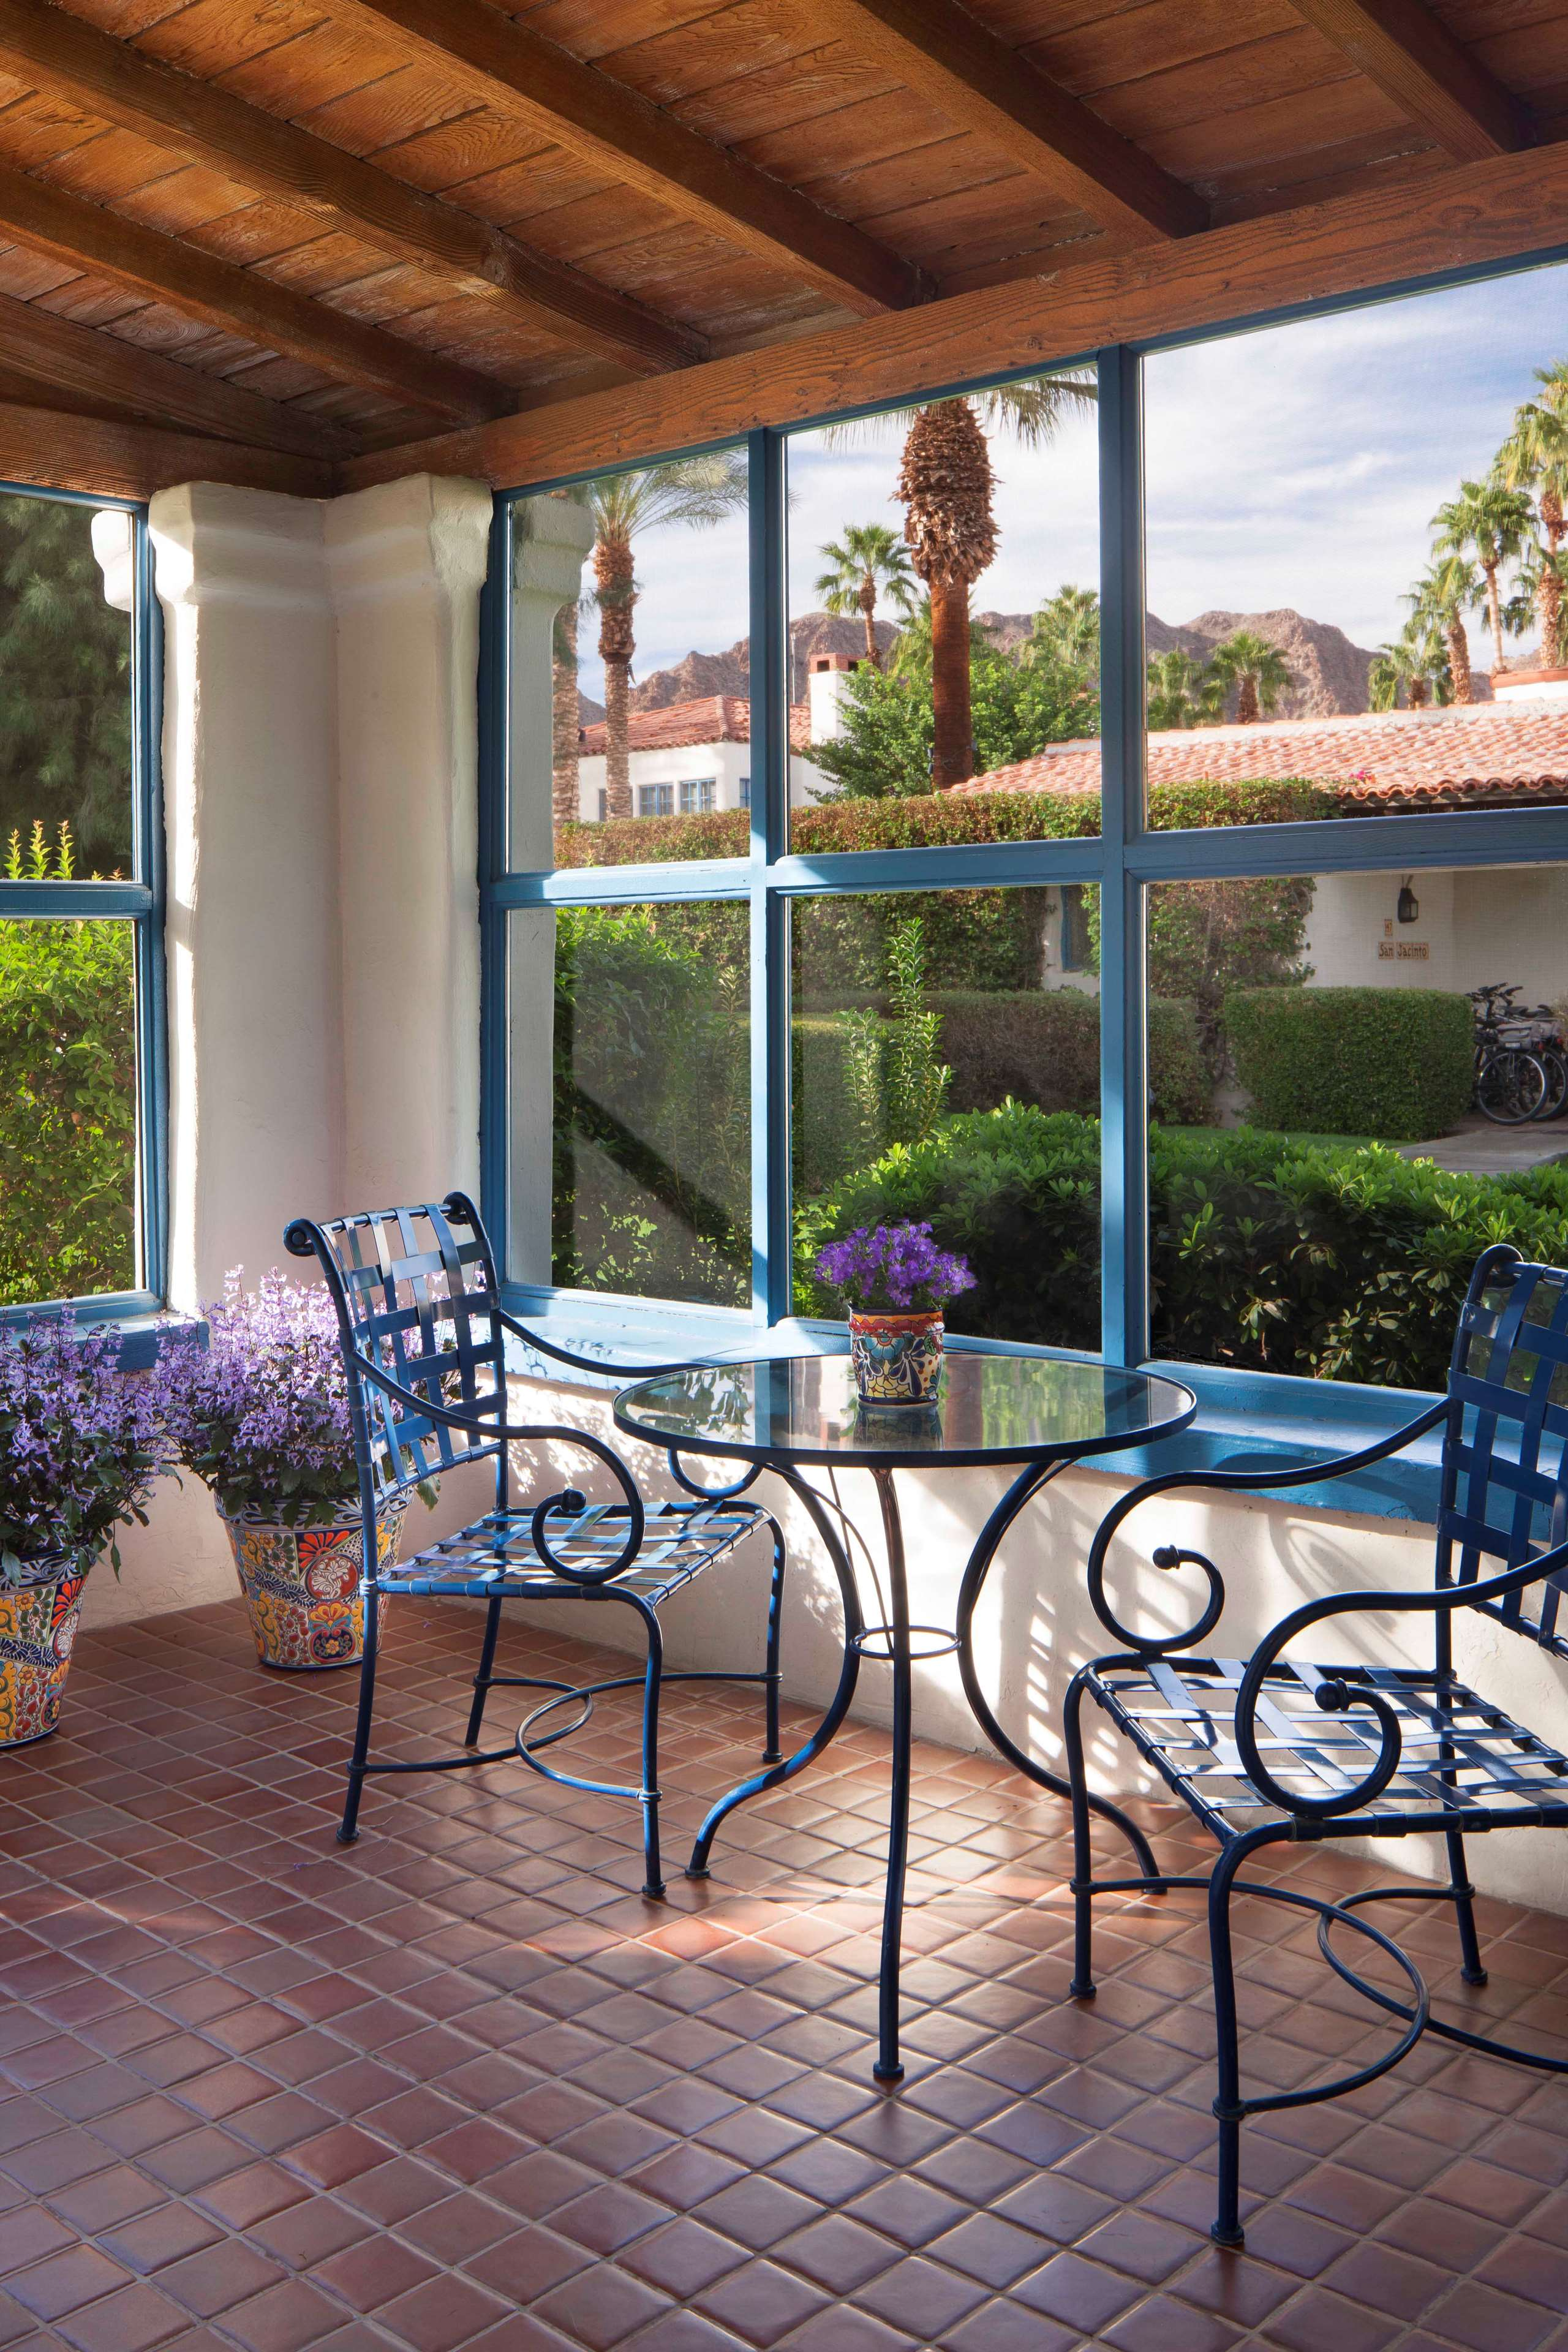 La Quinta Resort & Club, A Waldorf Astoria Resort image 24